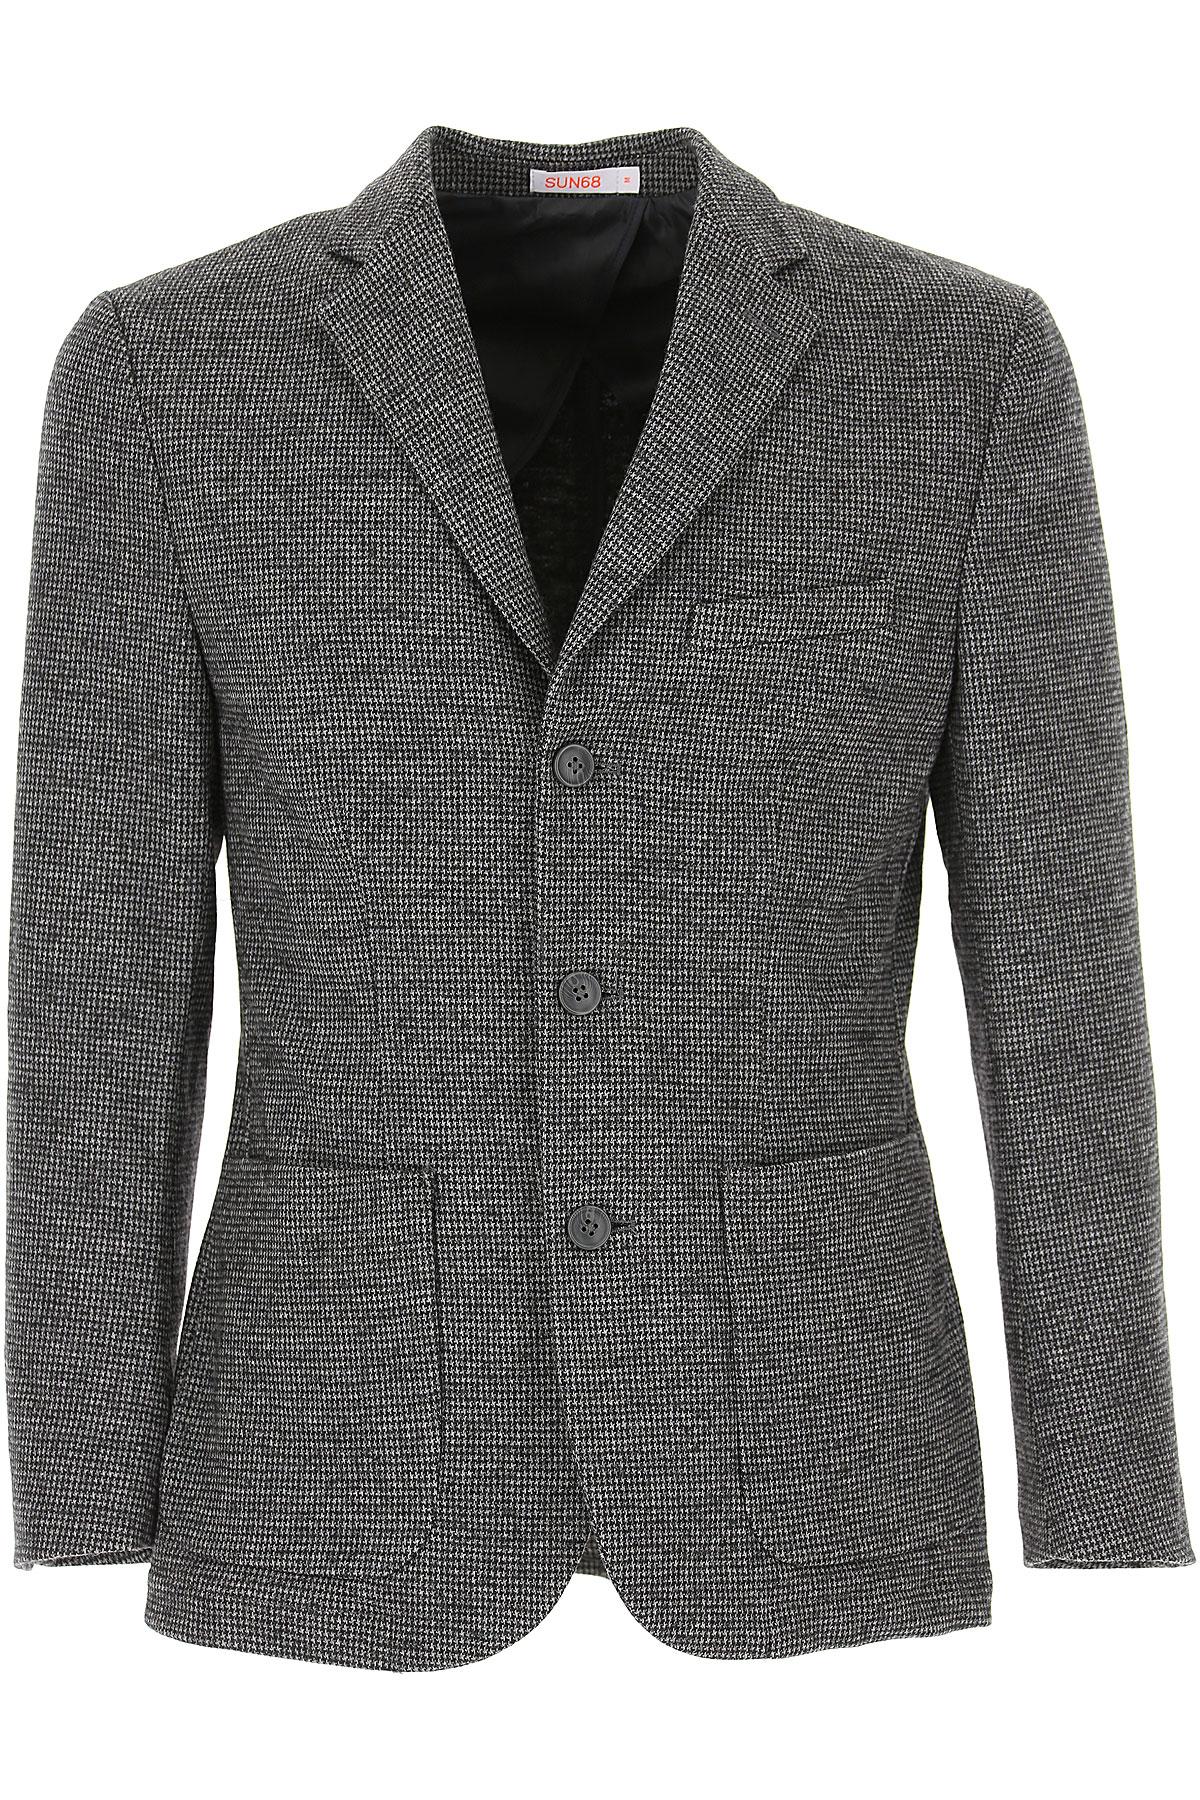 Sun68 Blazer for Men, Sport Coat On Sale, Grey, Cotton, 2019, L M XL